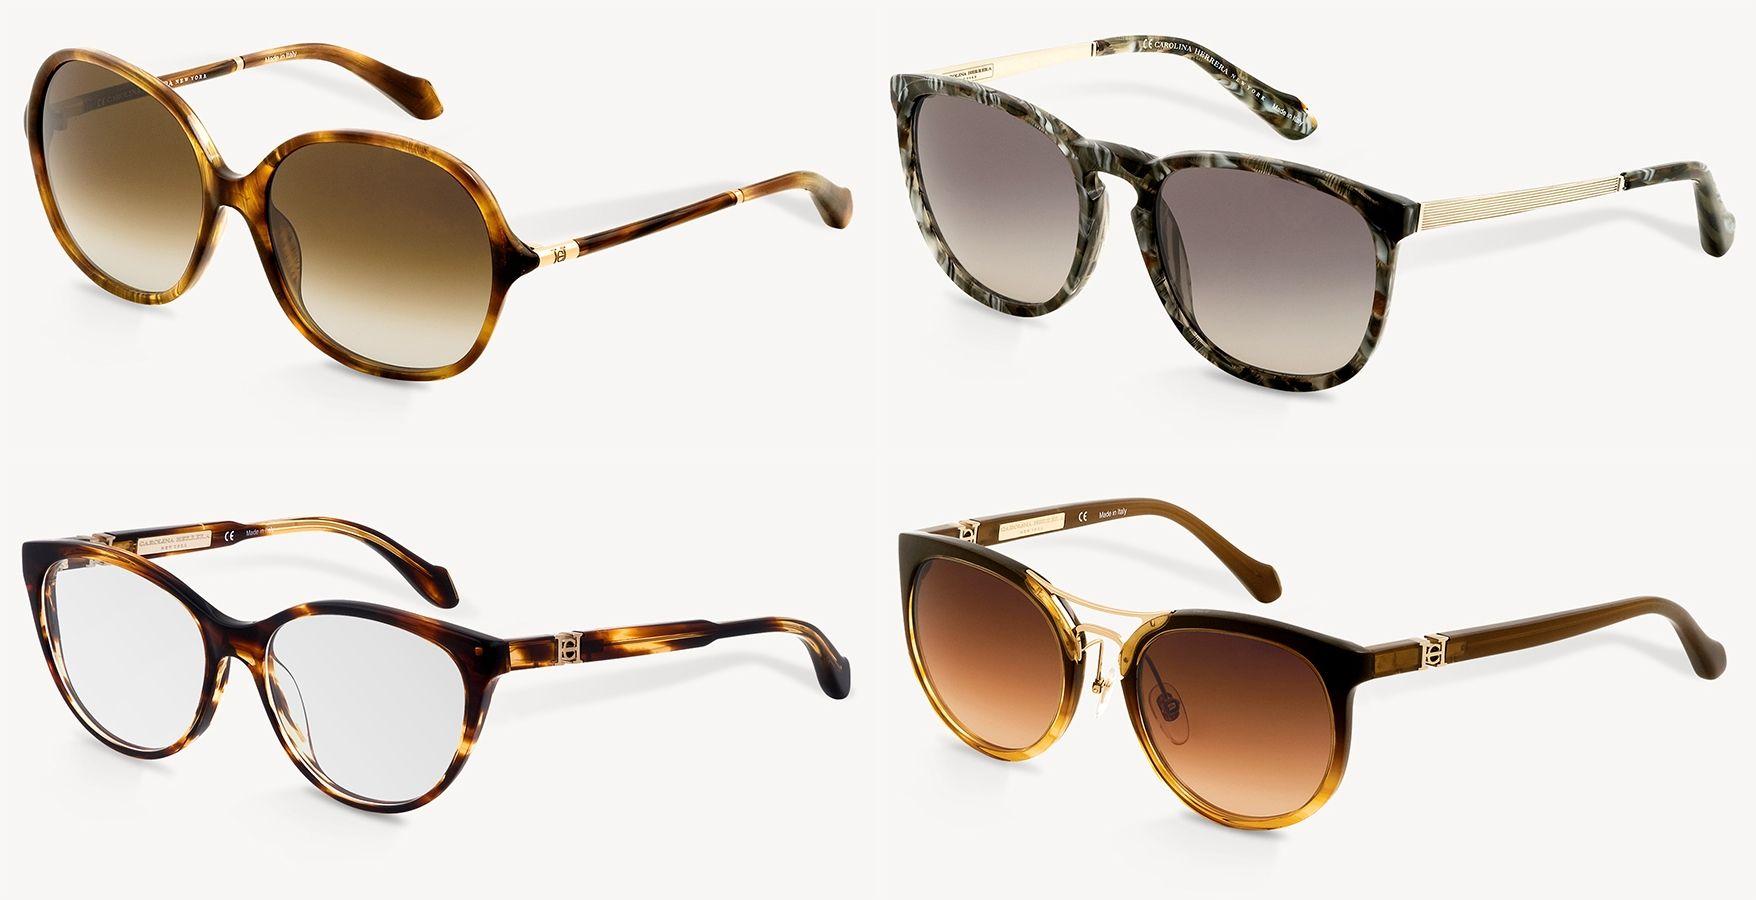 75428953c2e9e Os óculos Carolina Herrera representam a mulher contemporânea, que segue  tendências mas que tem estilo